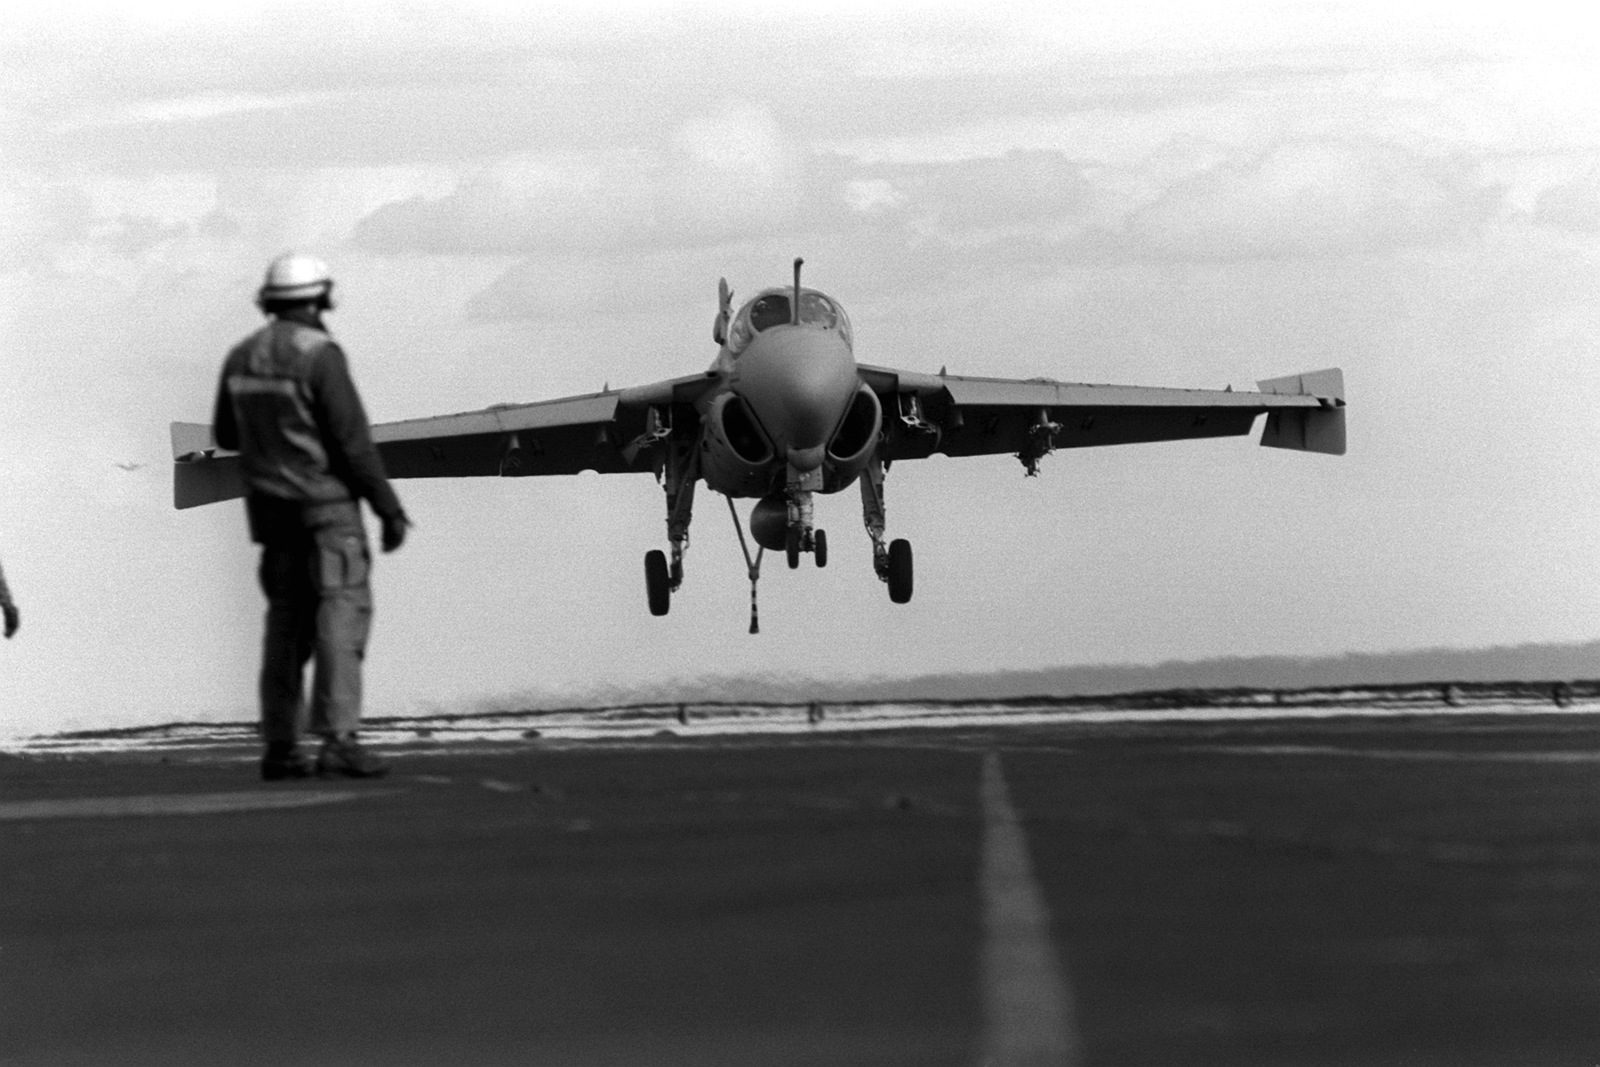 A flight deck crewman watches as an Attack Squadron 75 (VA-75) A-6E Intruder aircraft lands on the aircraft carrier USS JOHN F. KENNEDY (CV-67)